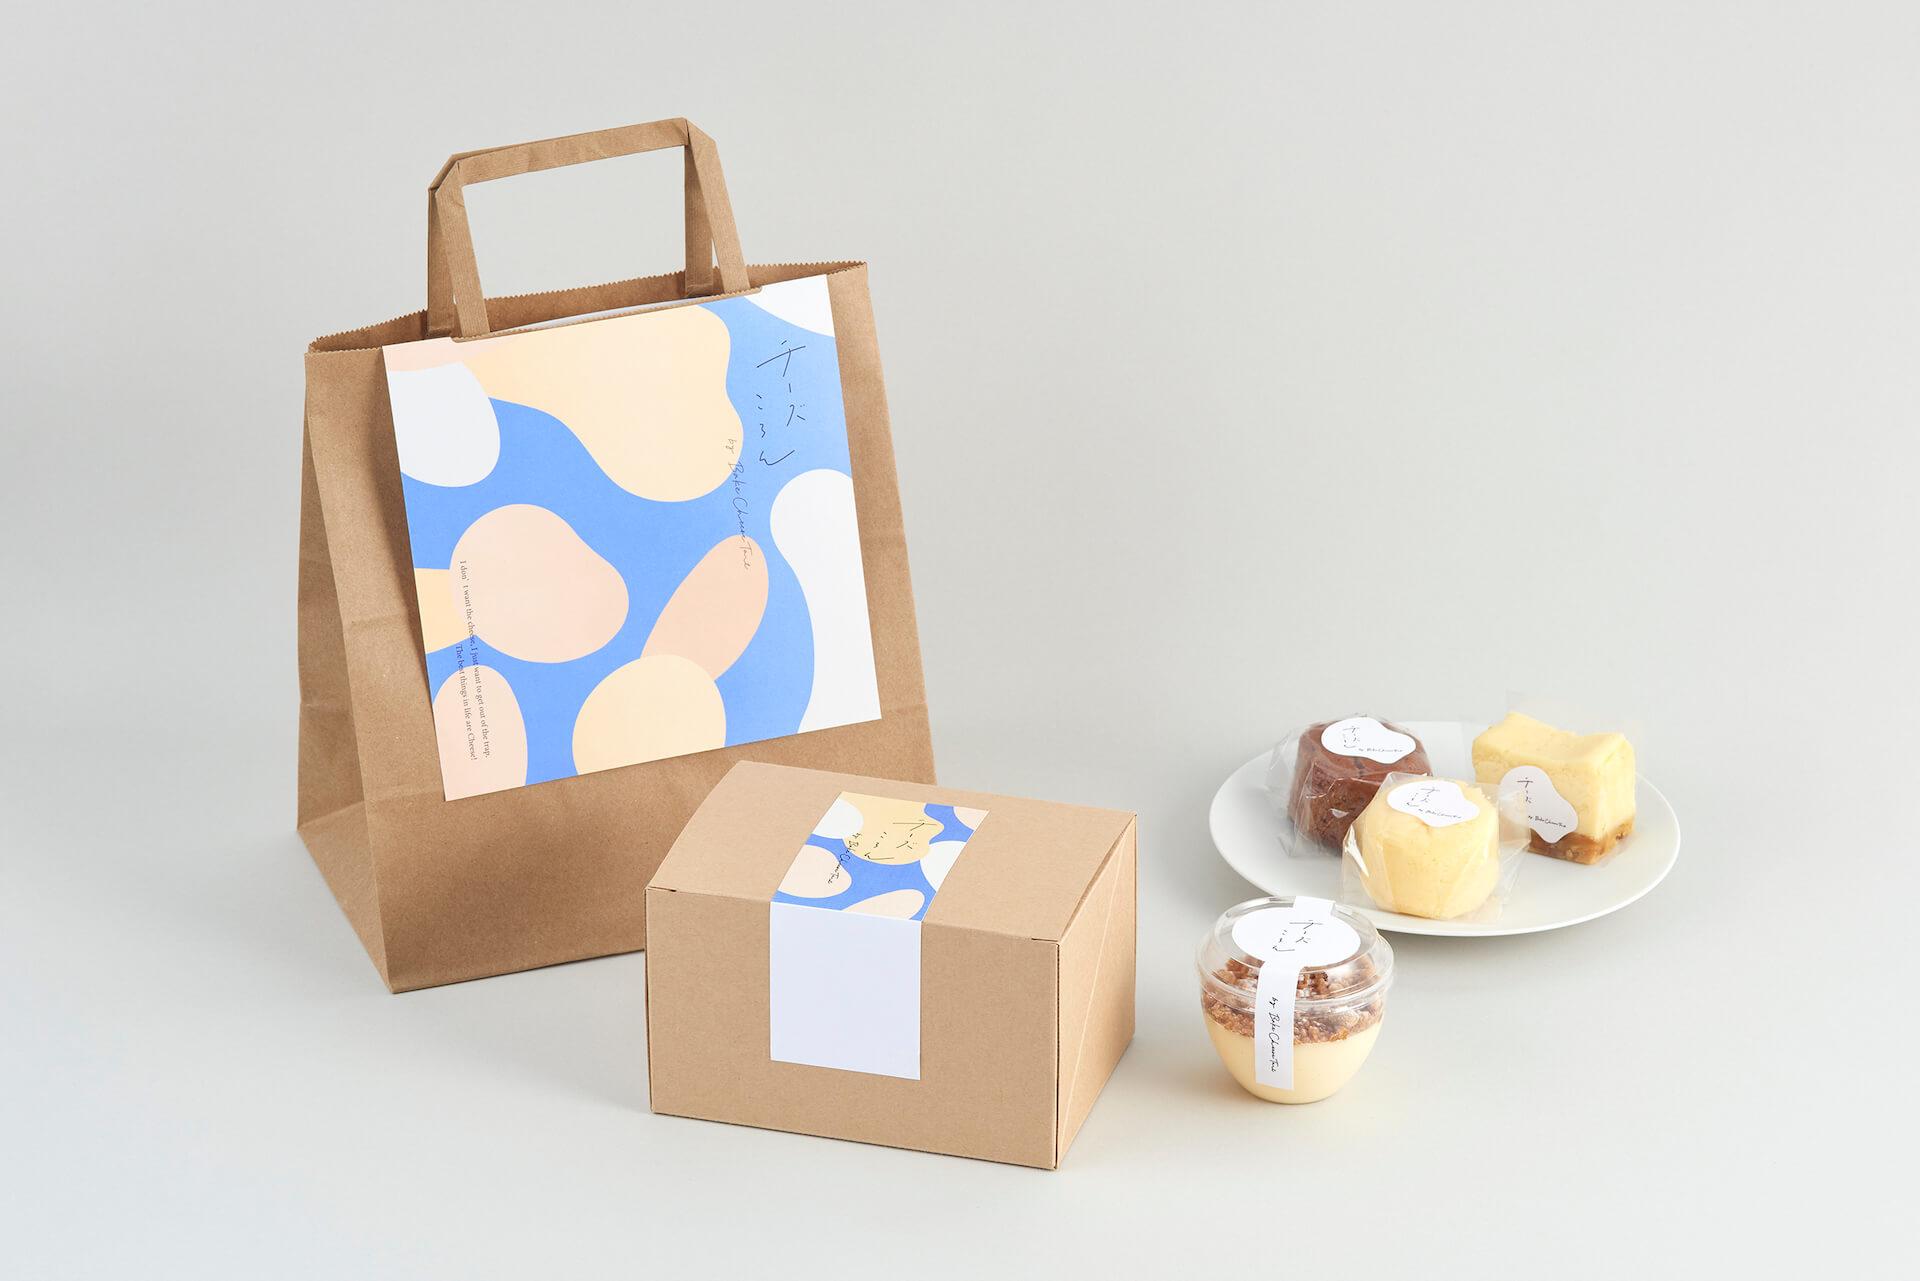 「チーズころん by BAKE CHEESE TART」のグランドオープン記念で新商品「ころんとチーズプリン」が発売決定!限定セットBOXも gourmet210628_bake_cheese_7